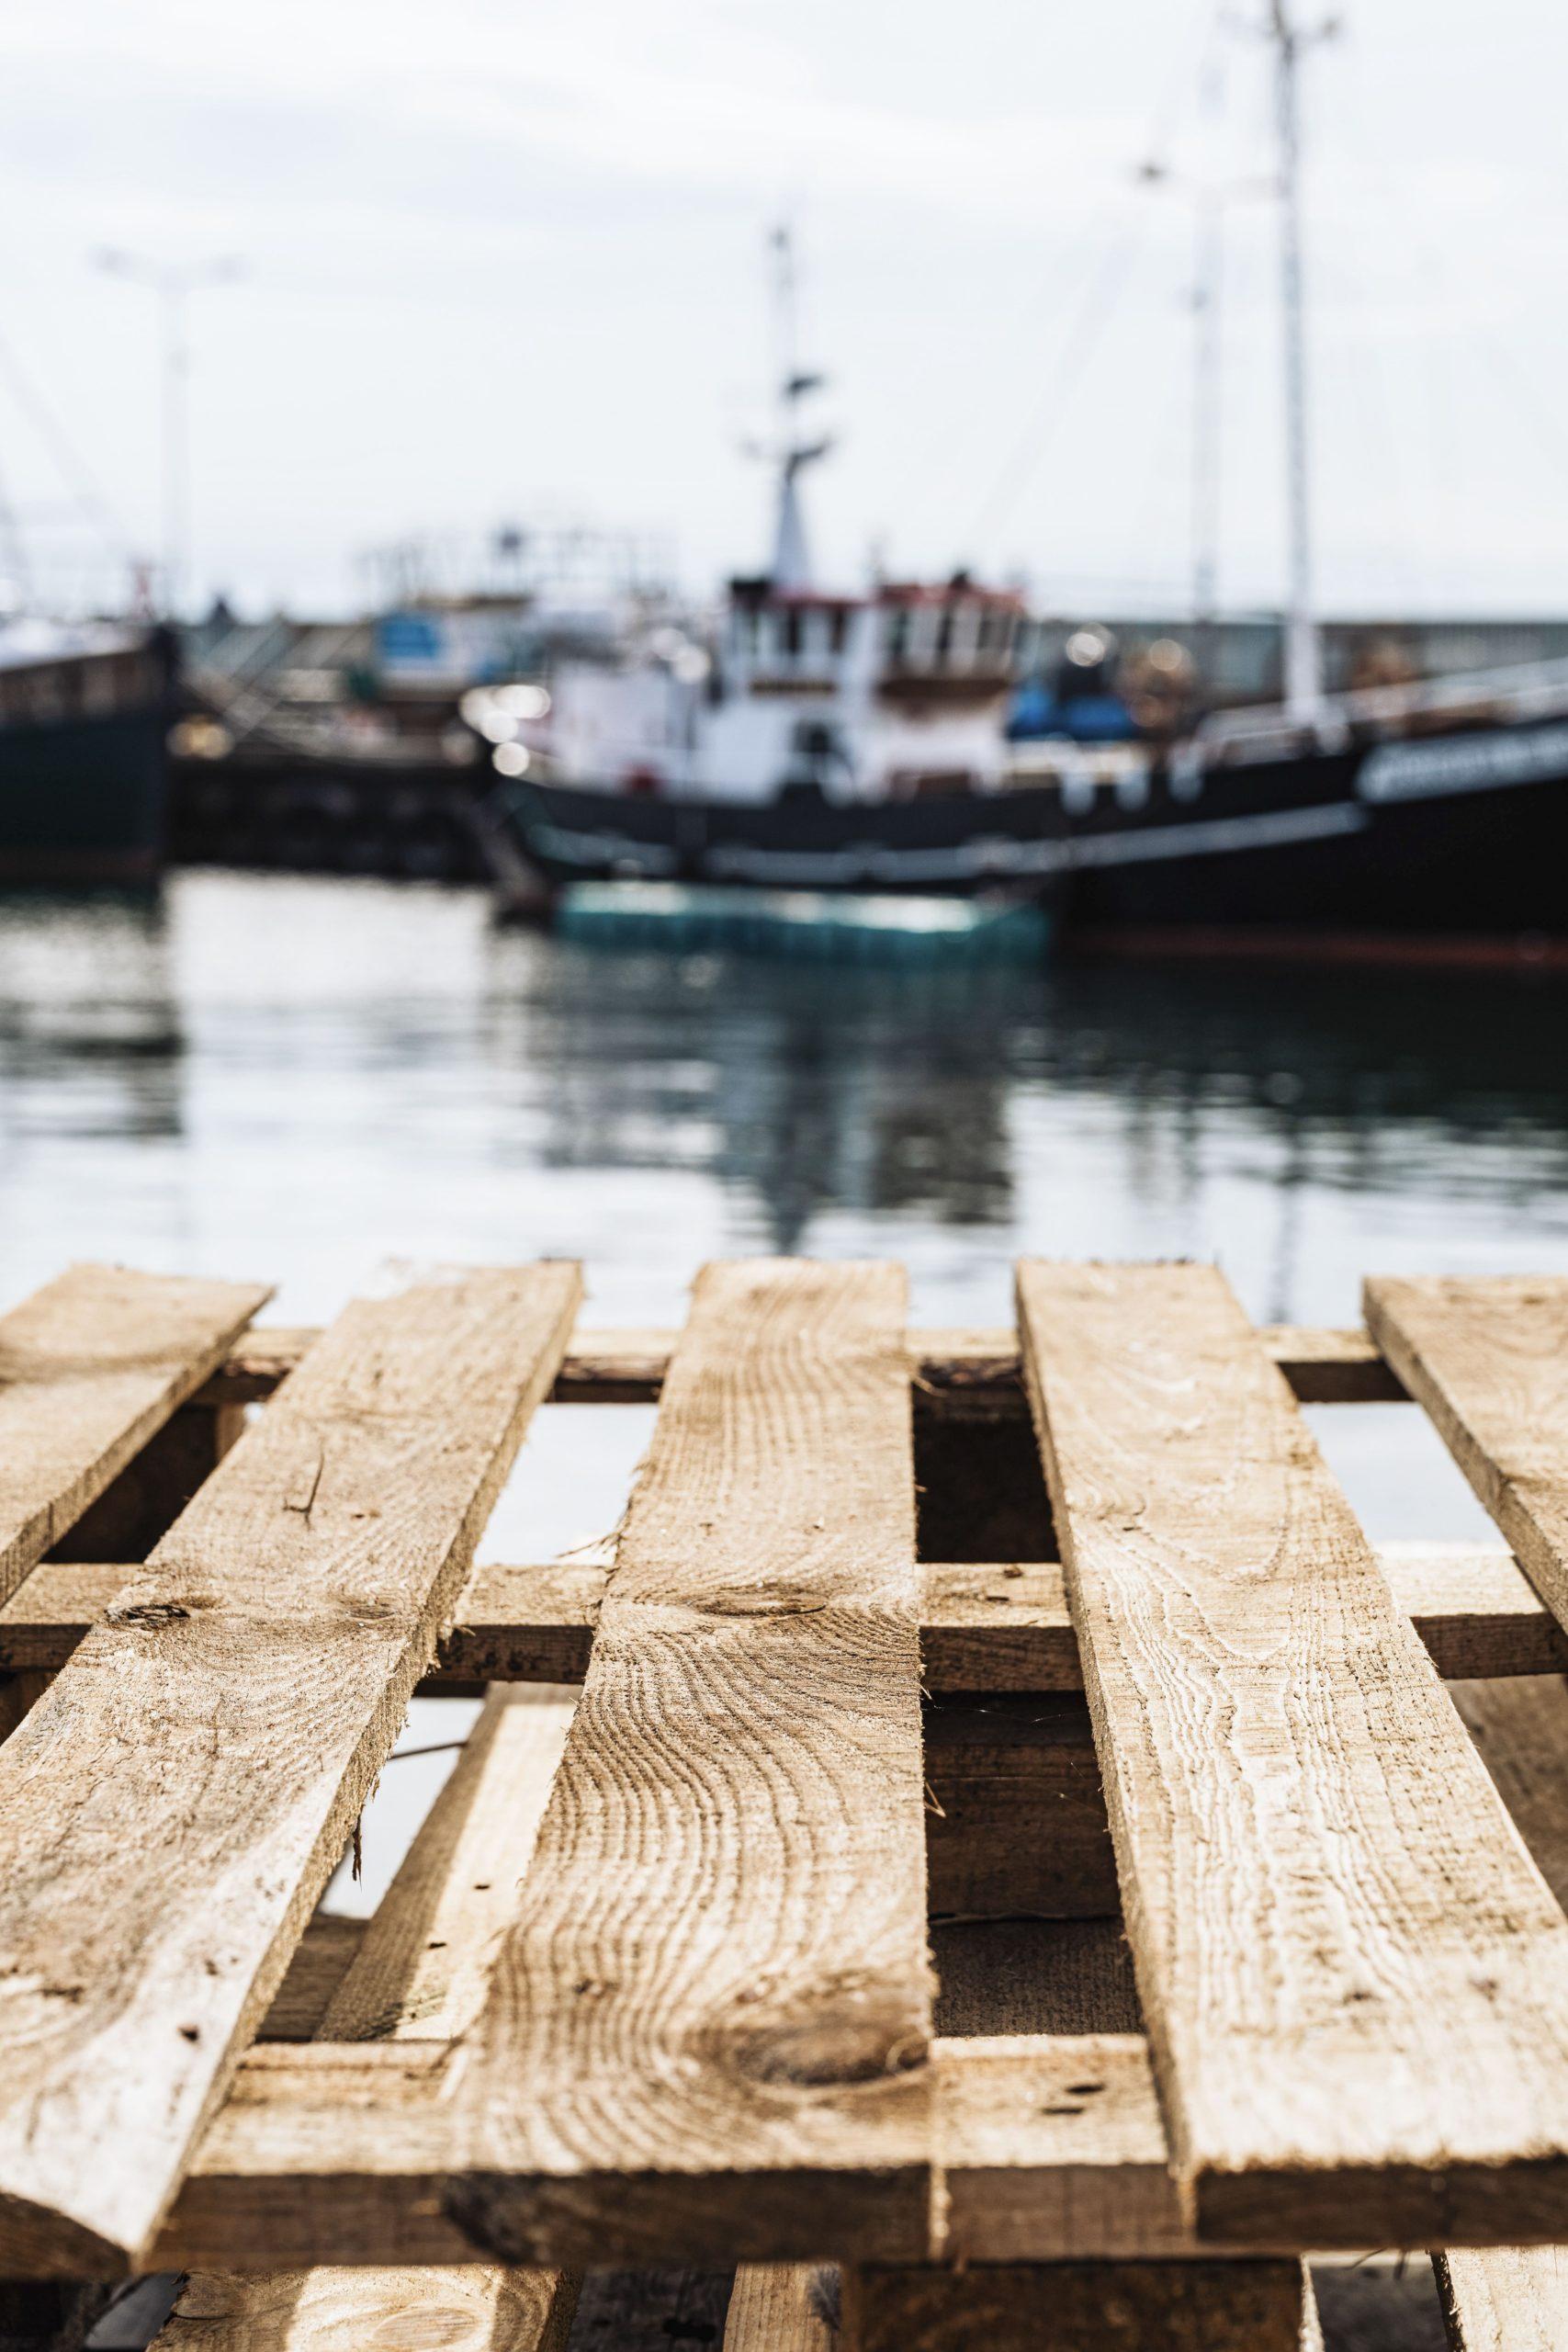 agencia europea control pesca